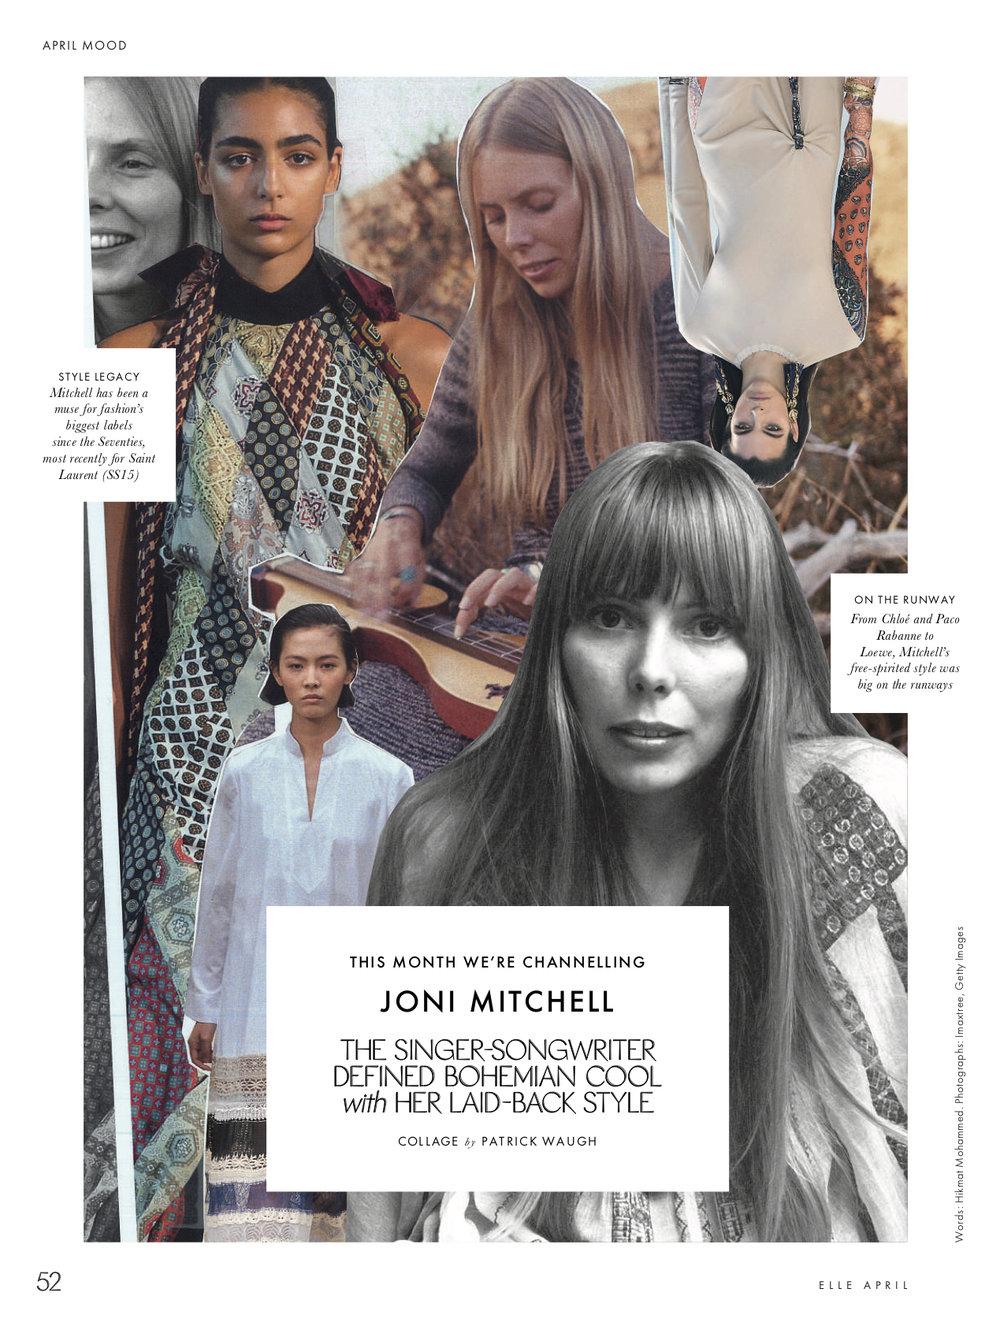 The April mood_ Joni Mitchell_pdf_zinio_1_1.jpg